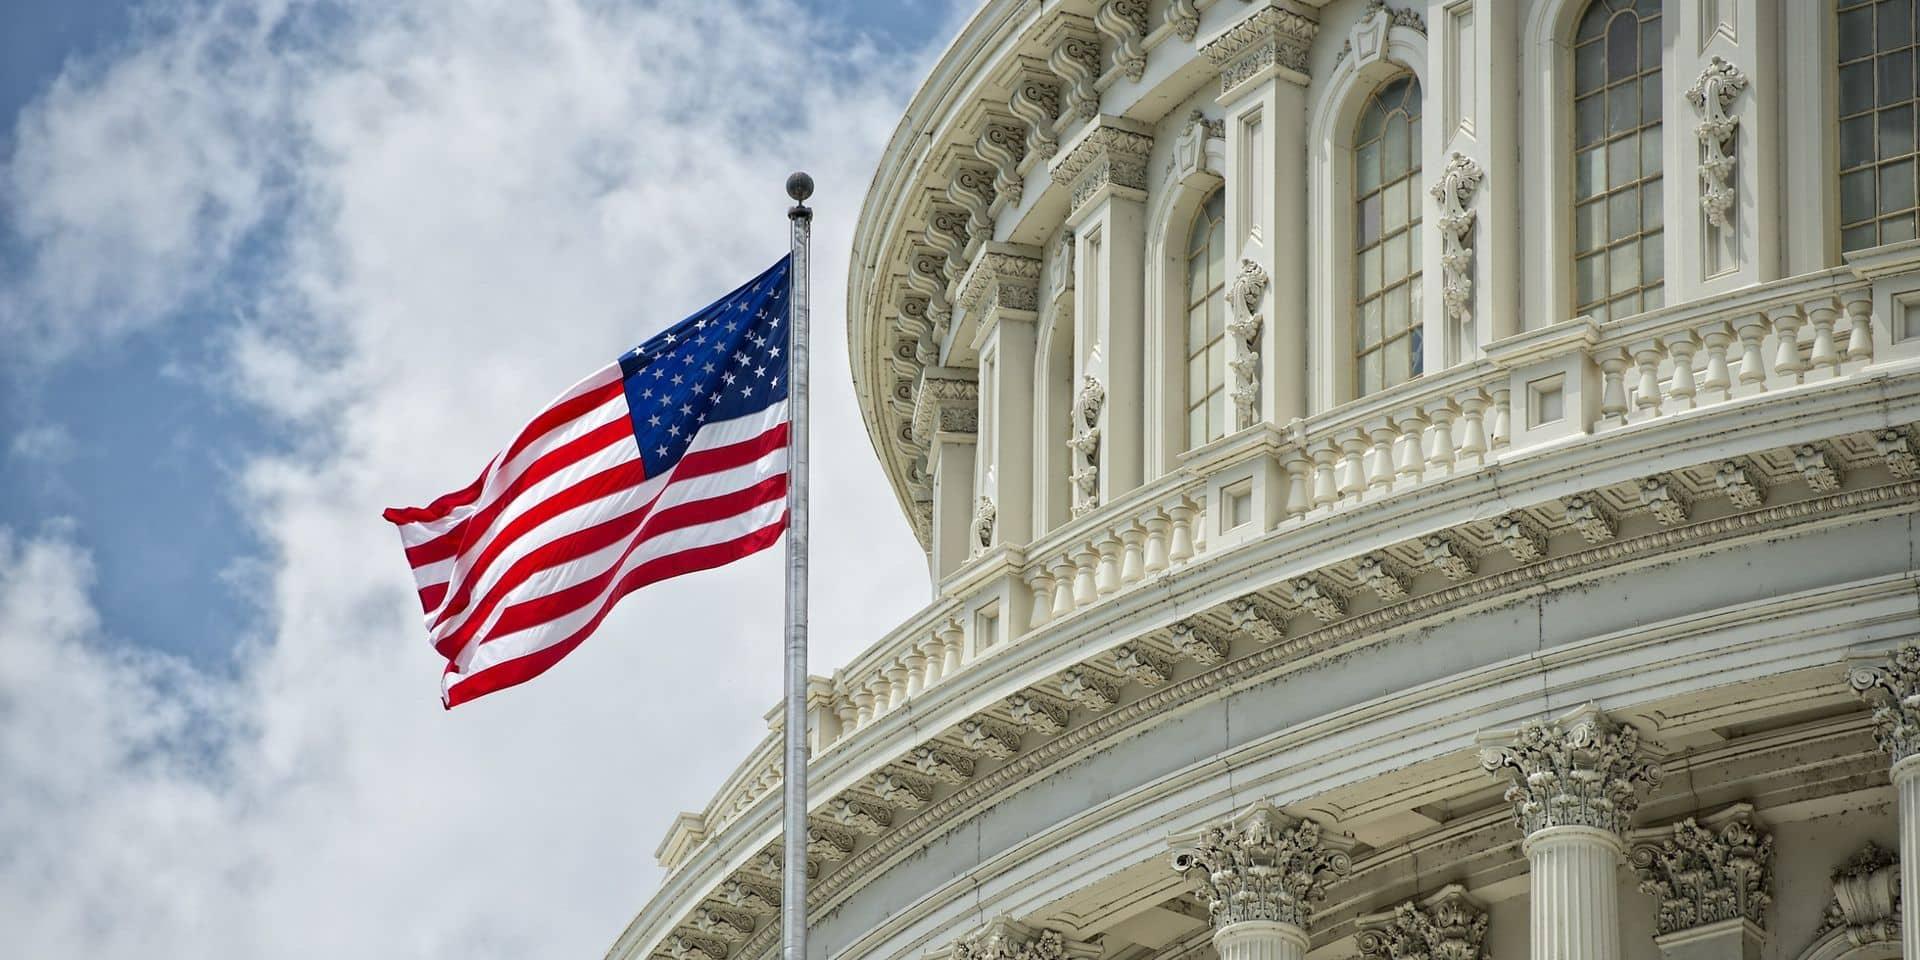 La Maison Blanche en faveur de mesures de soutien ciblées à l'économie